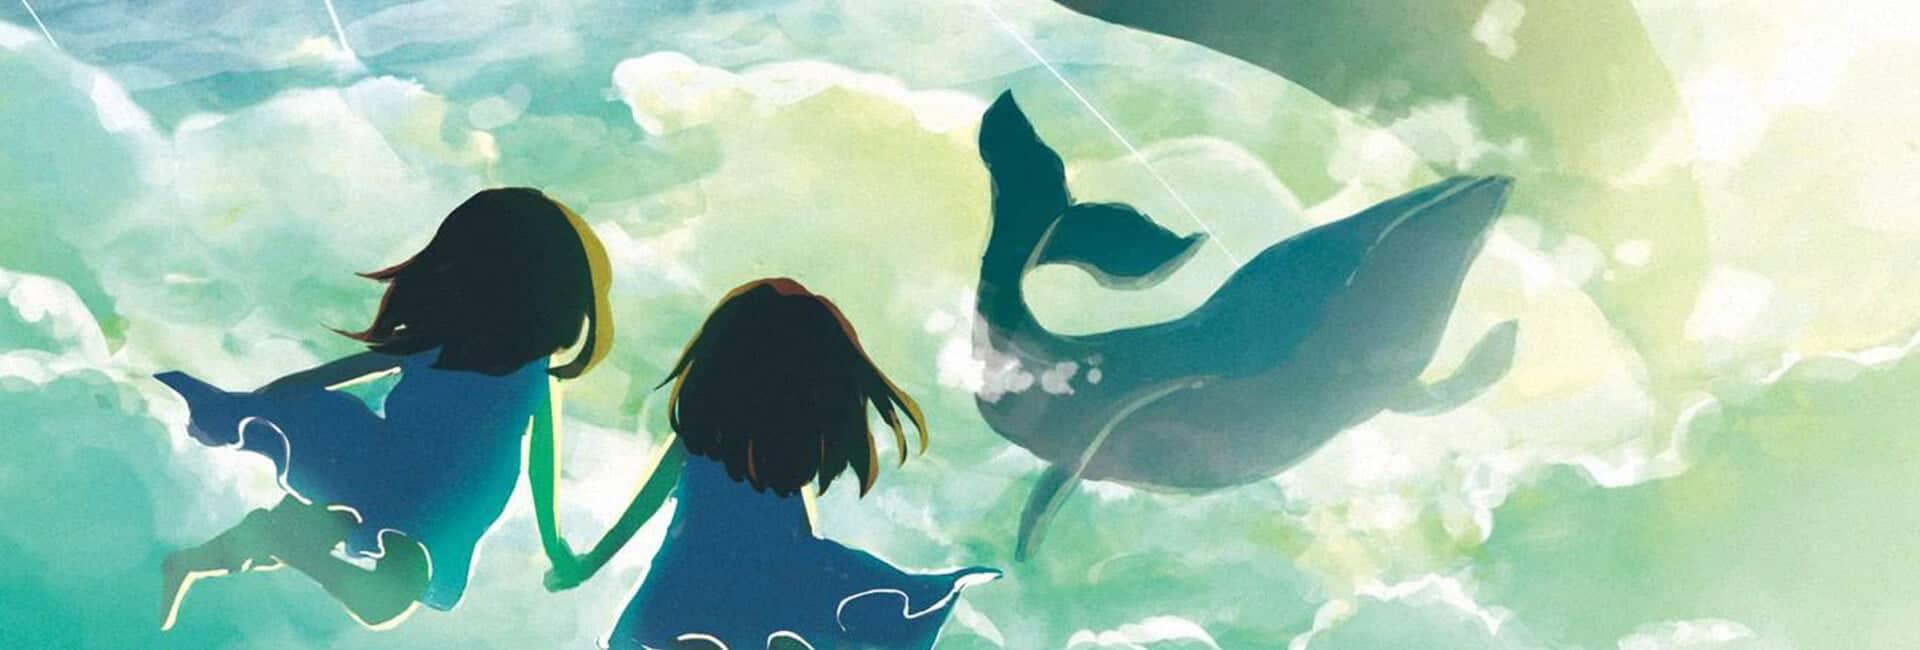 Na imagem mostra duas crianças de mãos dadas observando baleias a nadarem 'nos céus'